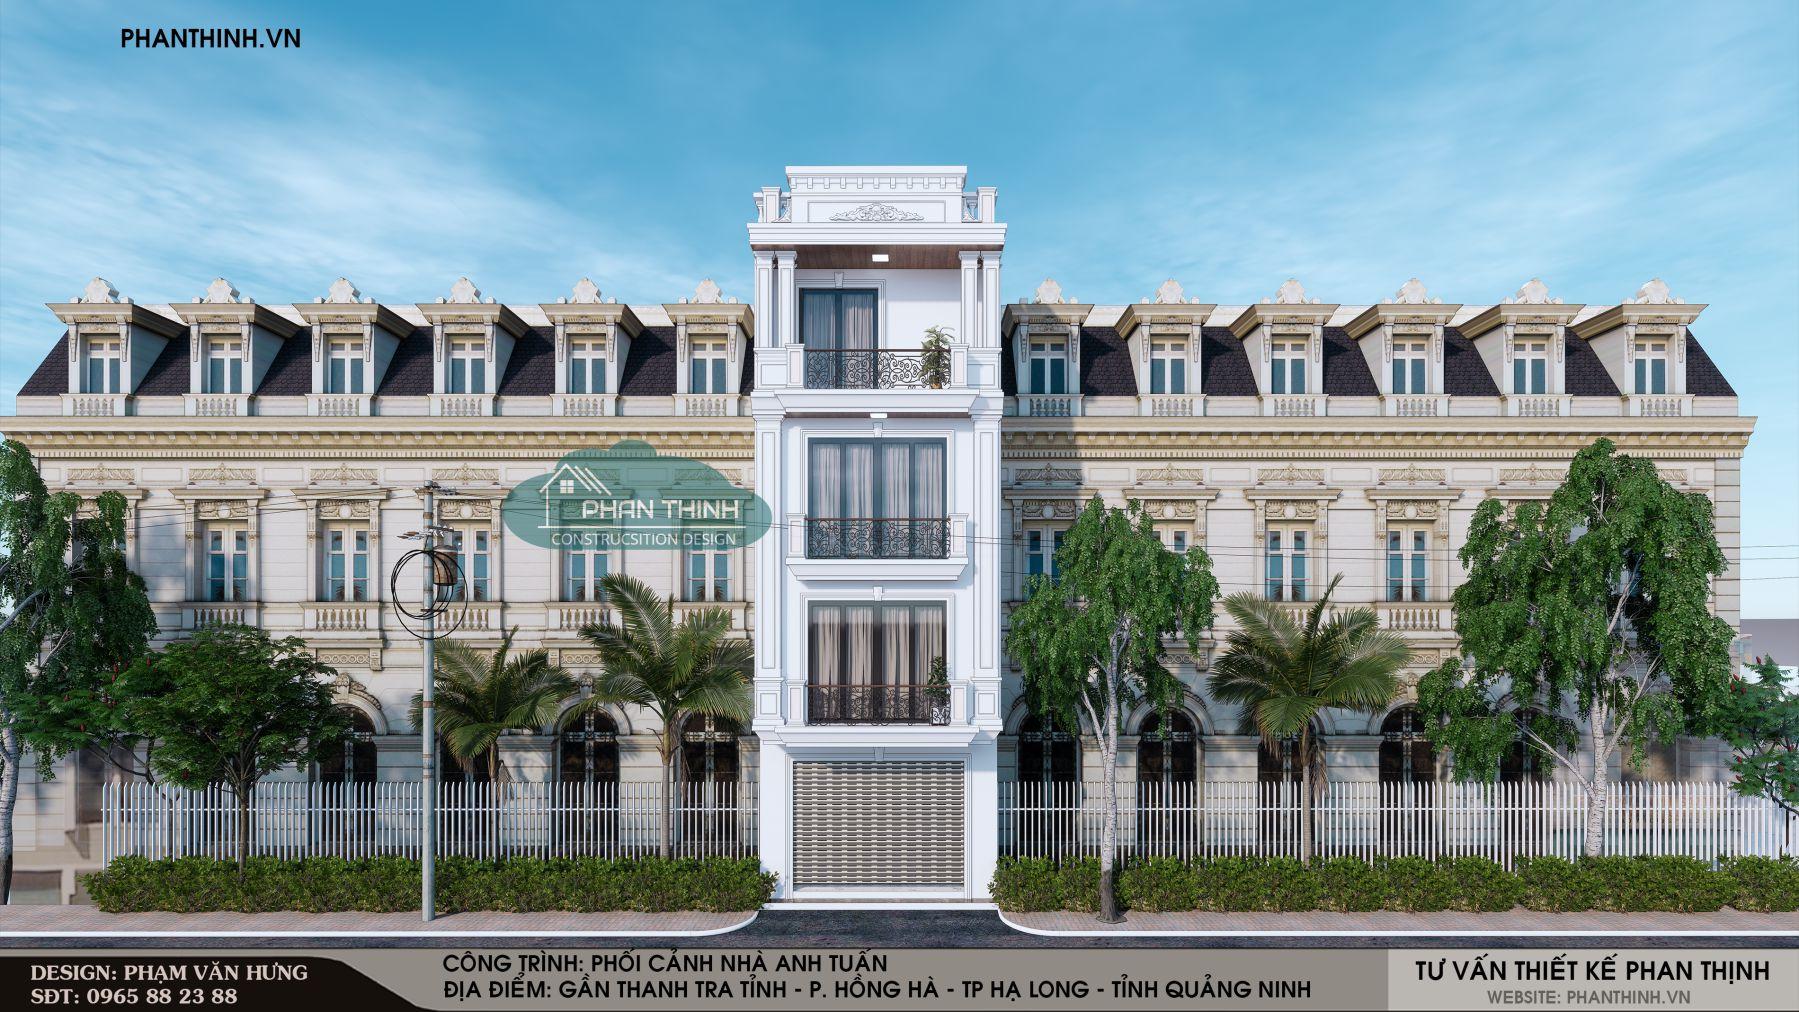 Phương án phối cảnh mặt tiền nhà 4 tầng tân cổ điển mặt tiền 5m khi có ý định xây 4 tầng